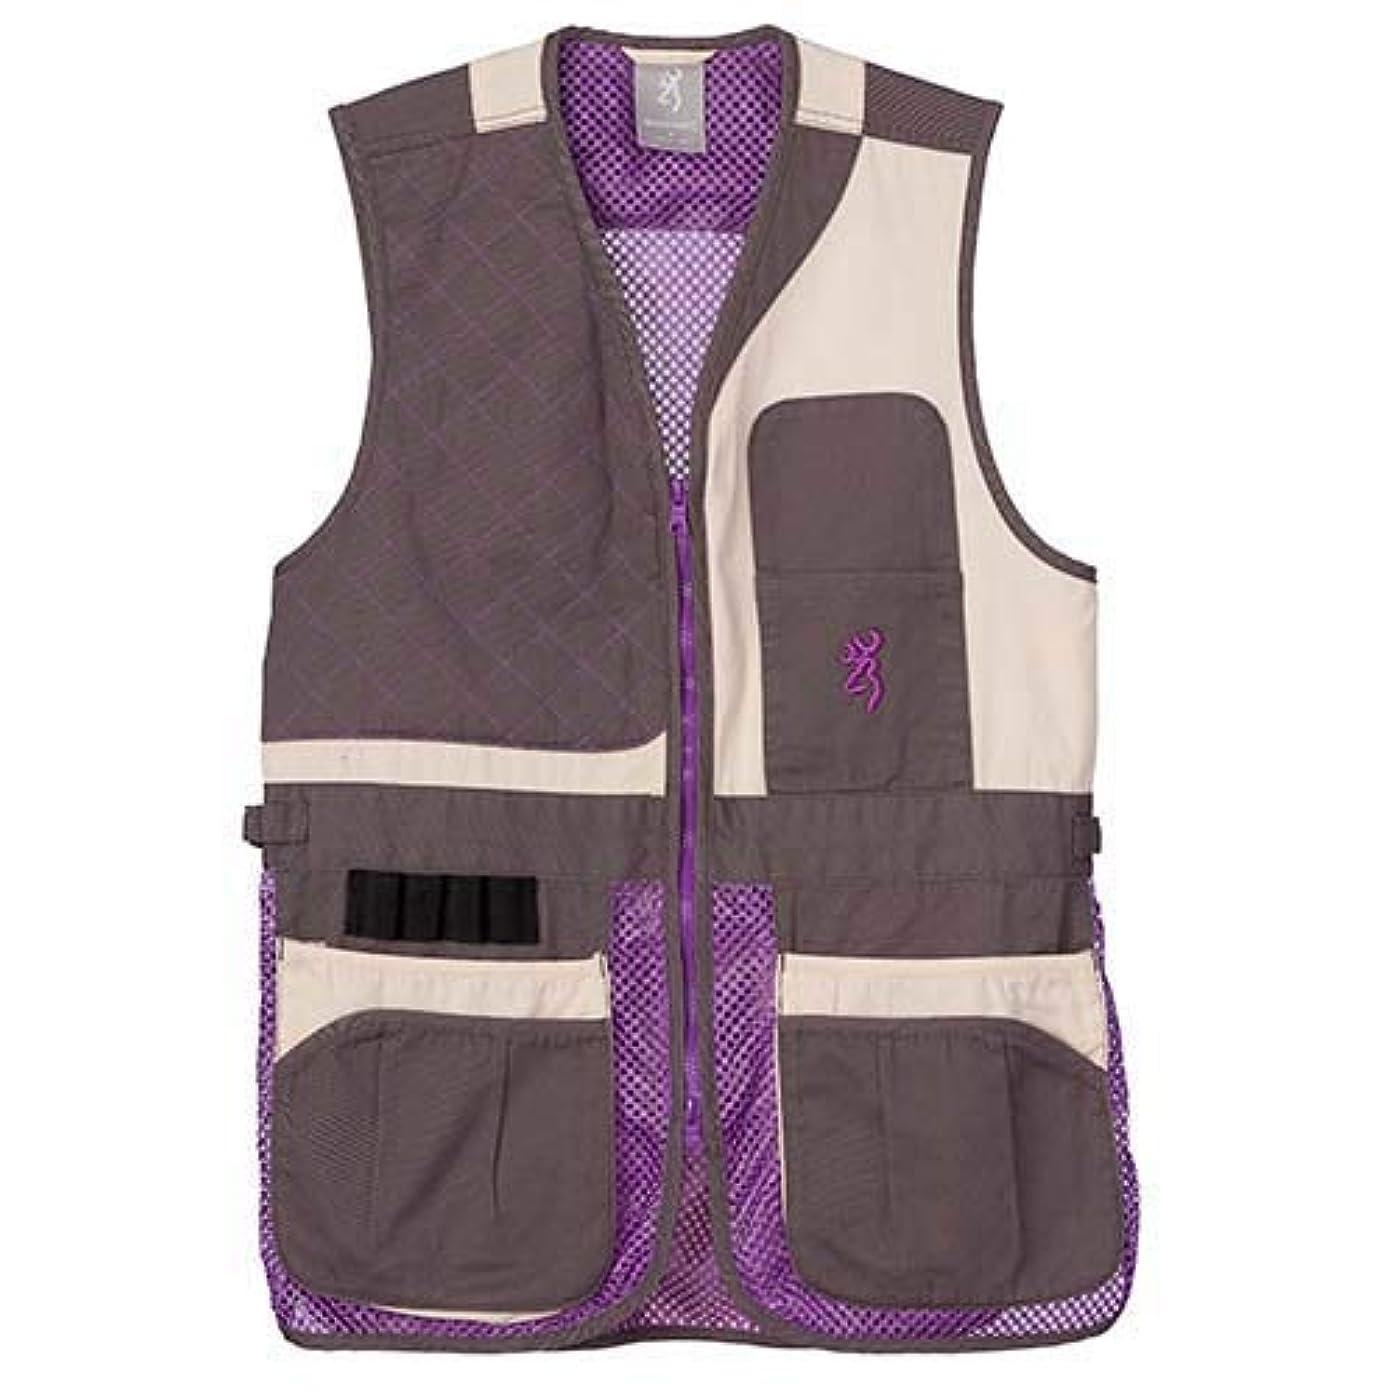 試す喜び書き込みBrowningレディースTrapper CreekメッシュShooting vest-cream/Plum/グレー